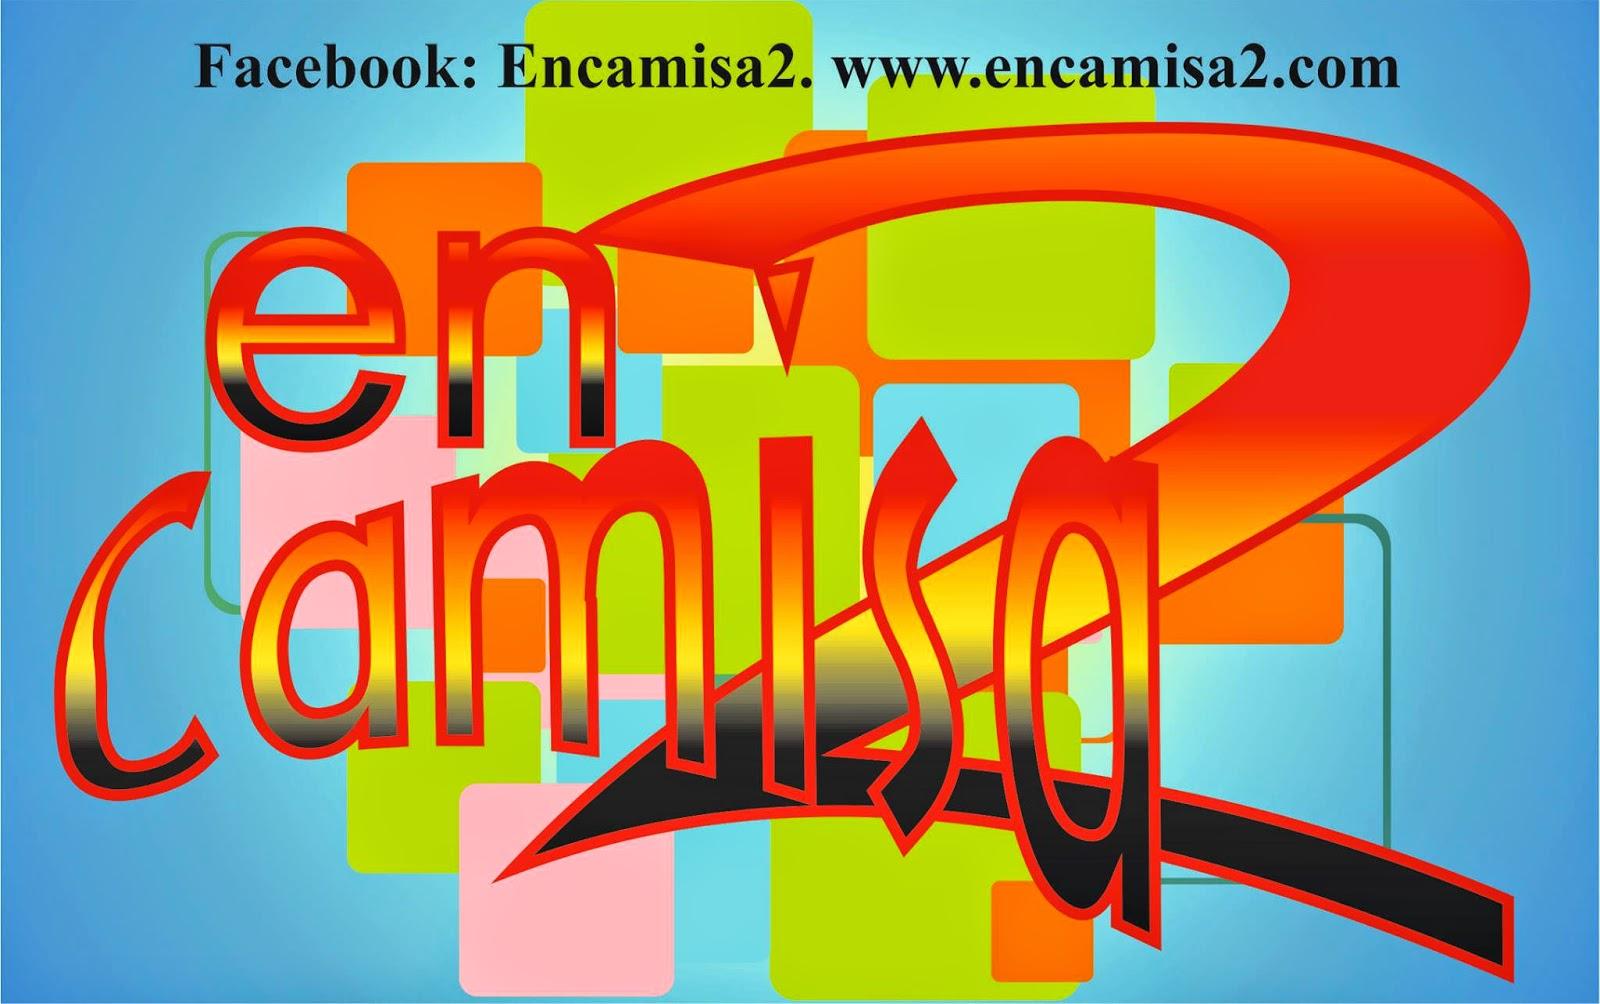 https://www.facebook.com/encamisados.serigrafia?fref=ts